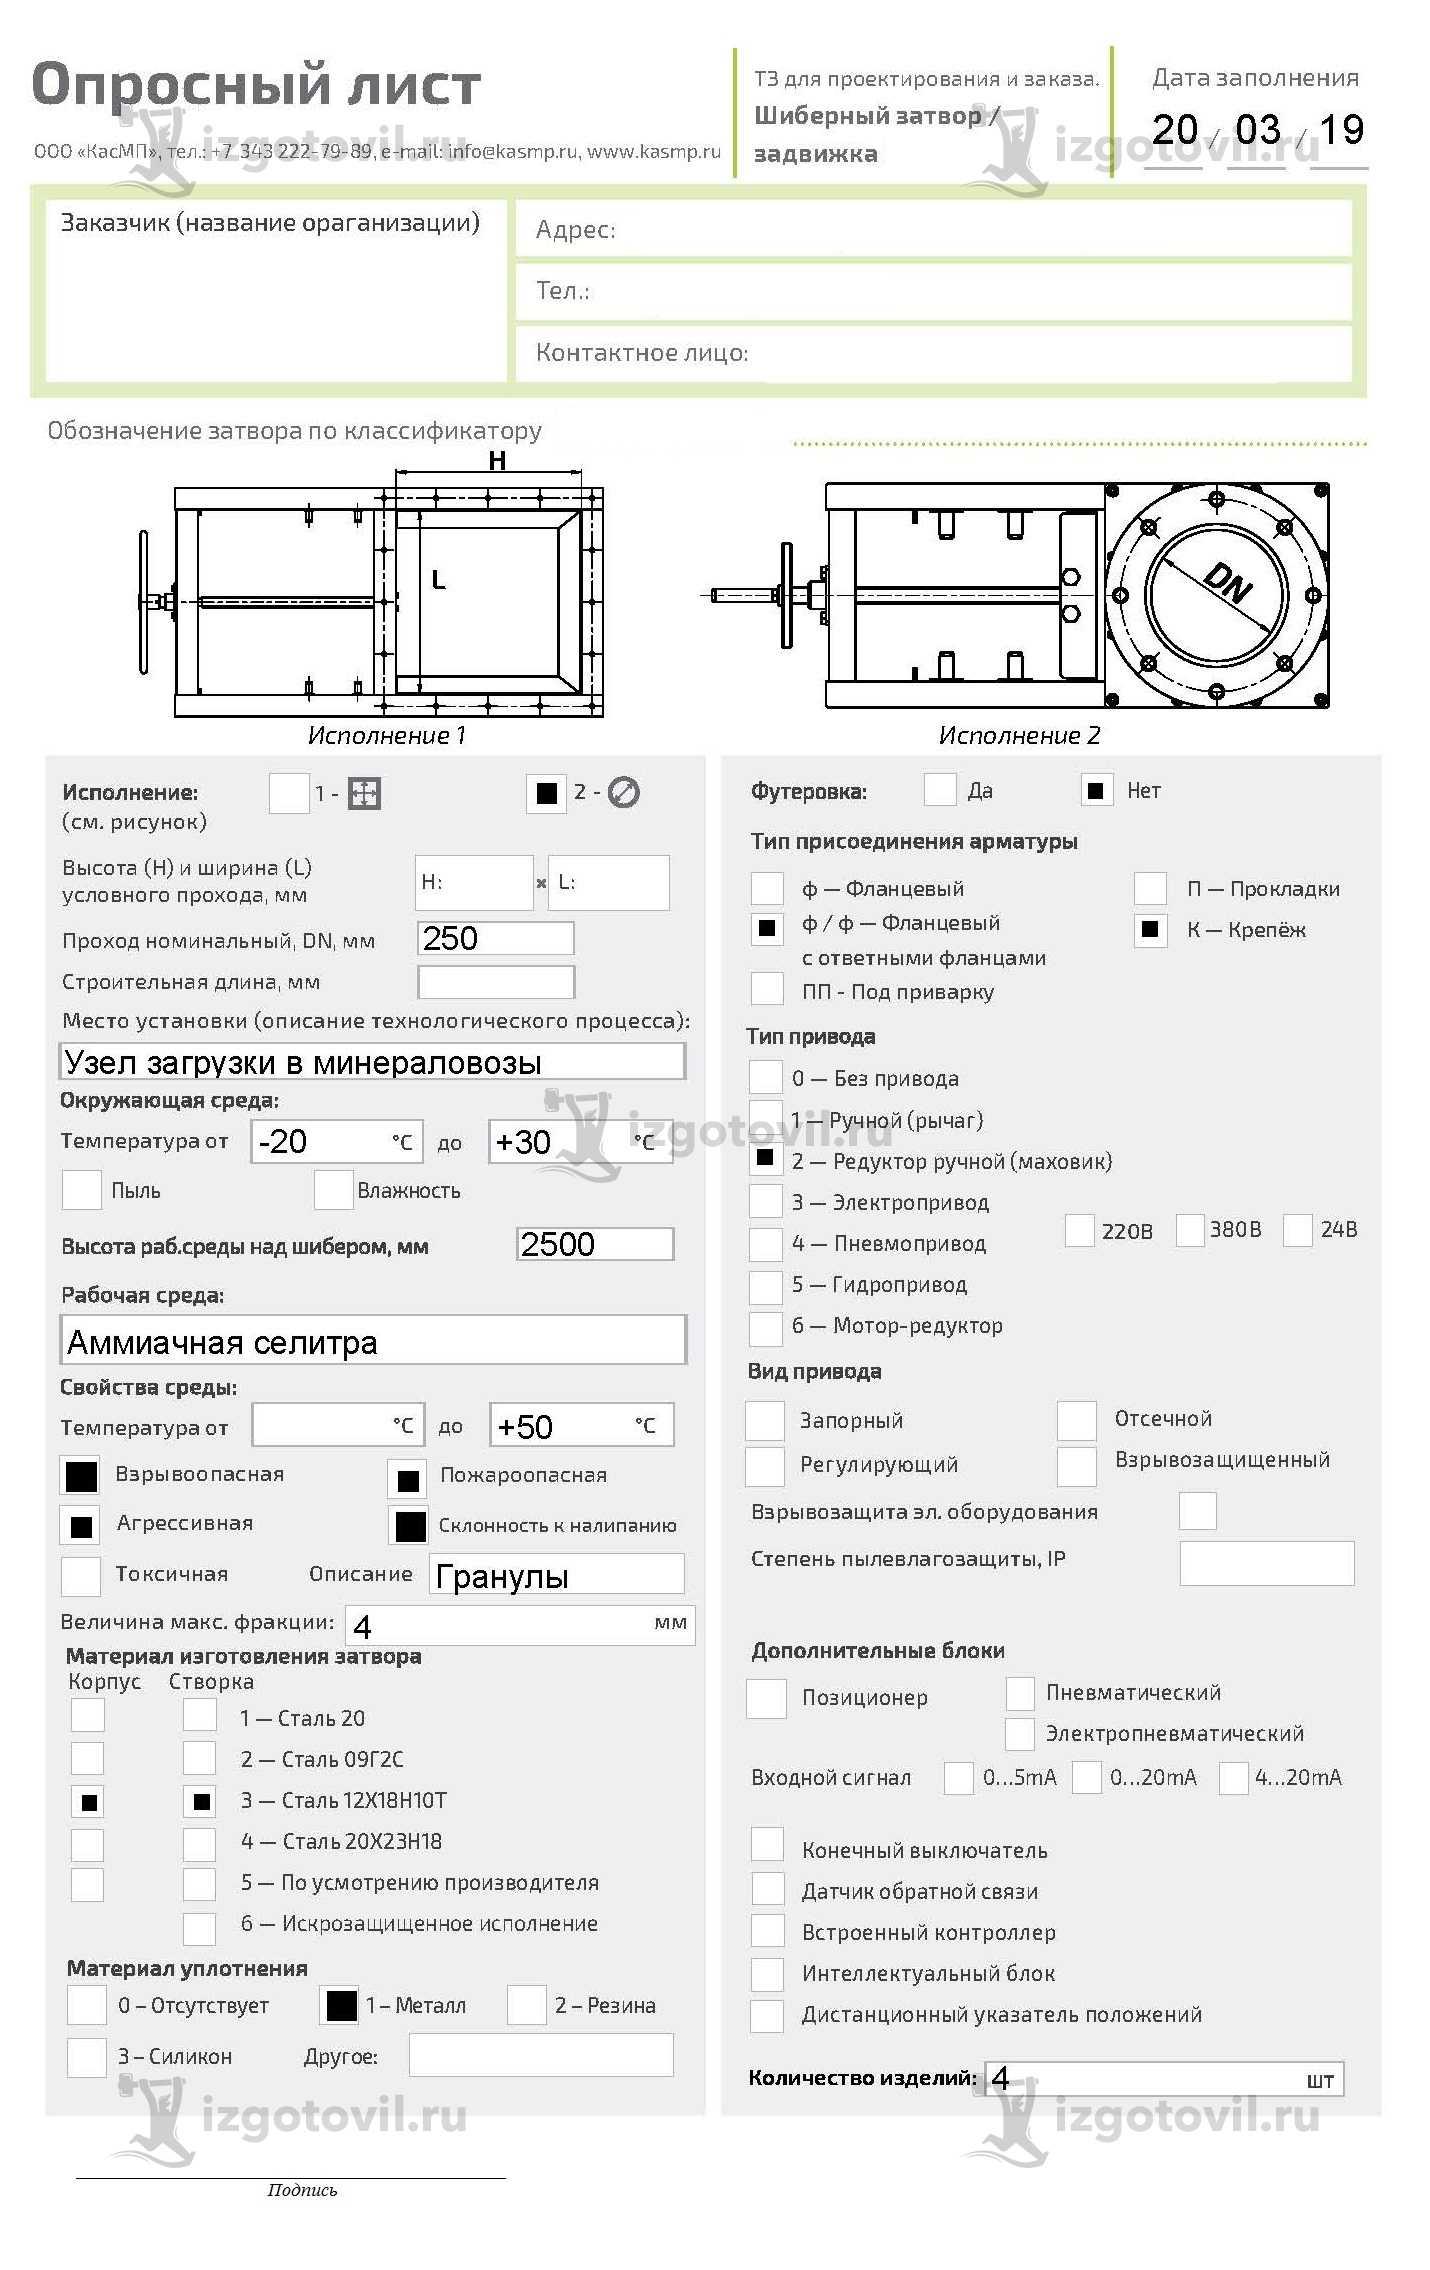 Изготовление деталей оборудования (клапана)